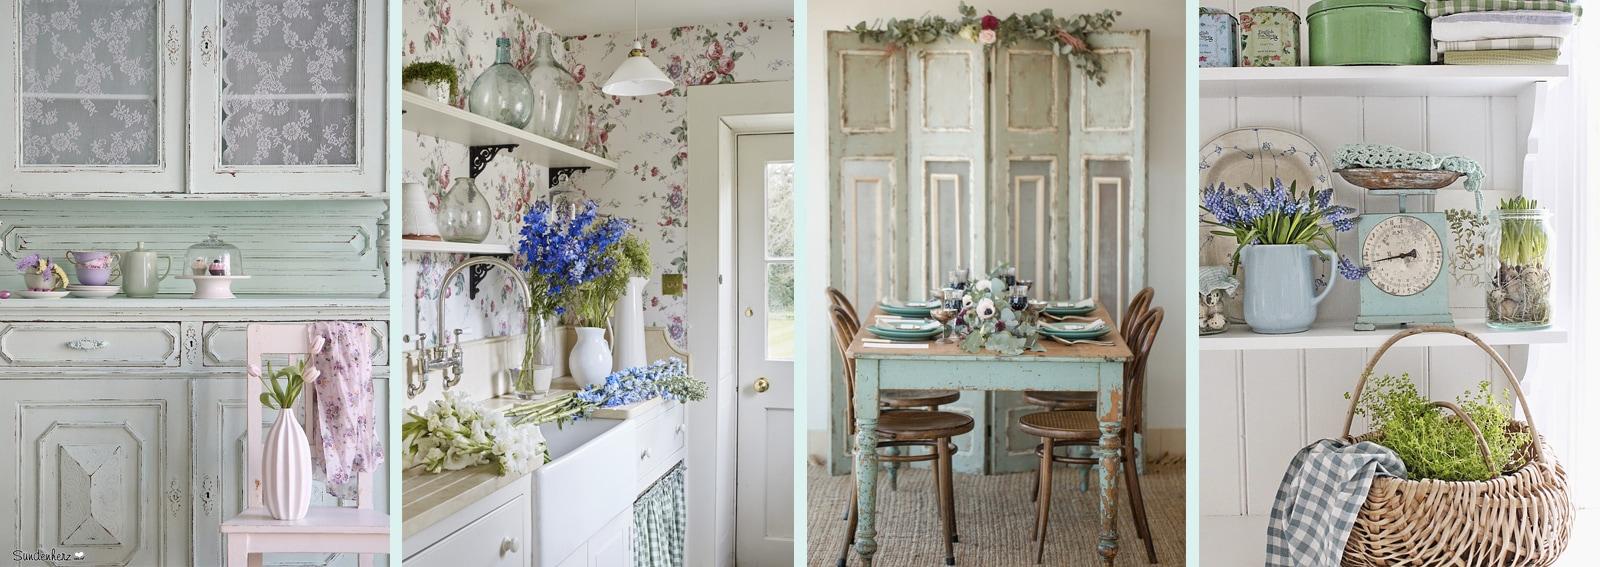 Come arredare la cucina in stile shabby chic grazia - Shabby chic casa ...